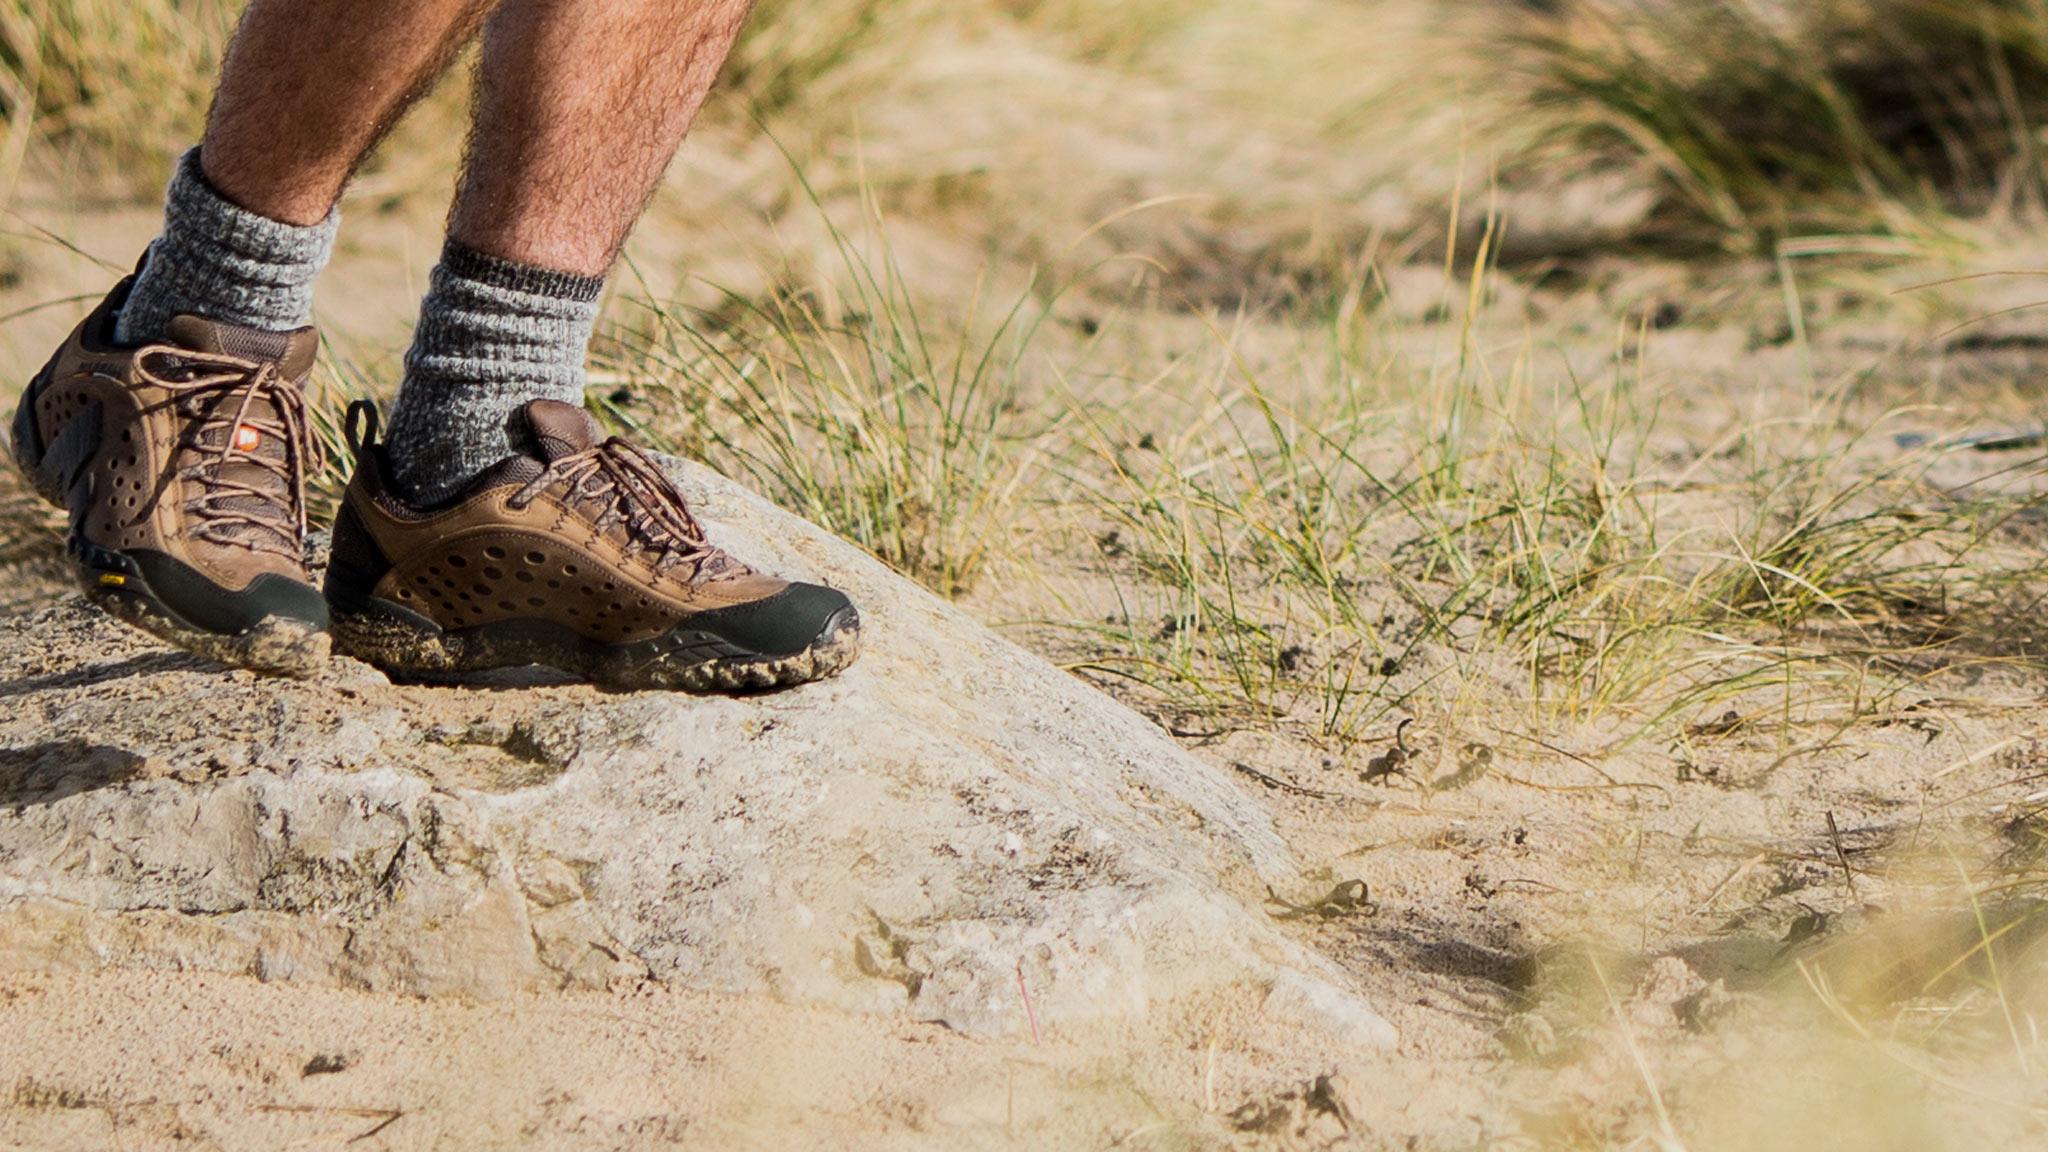 Herre vandresko » Lækre vandresko til mænd | Gode priser